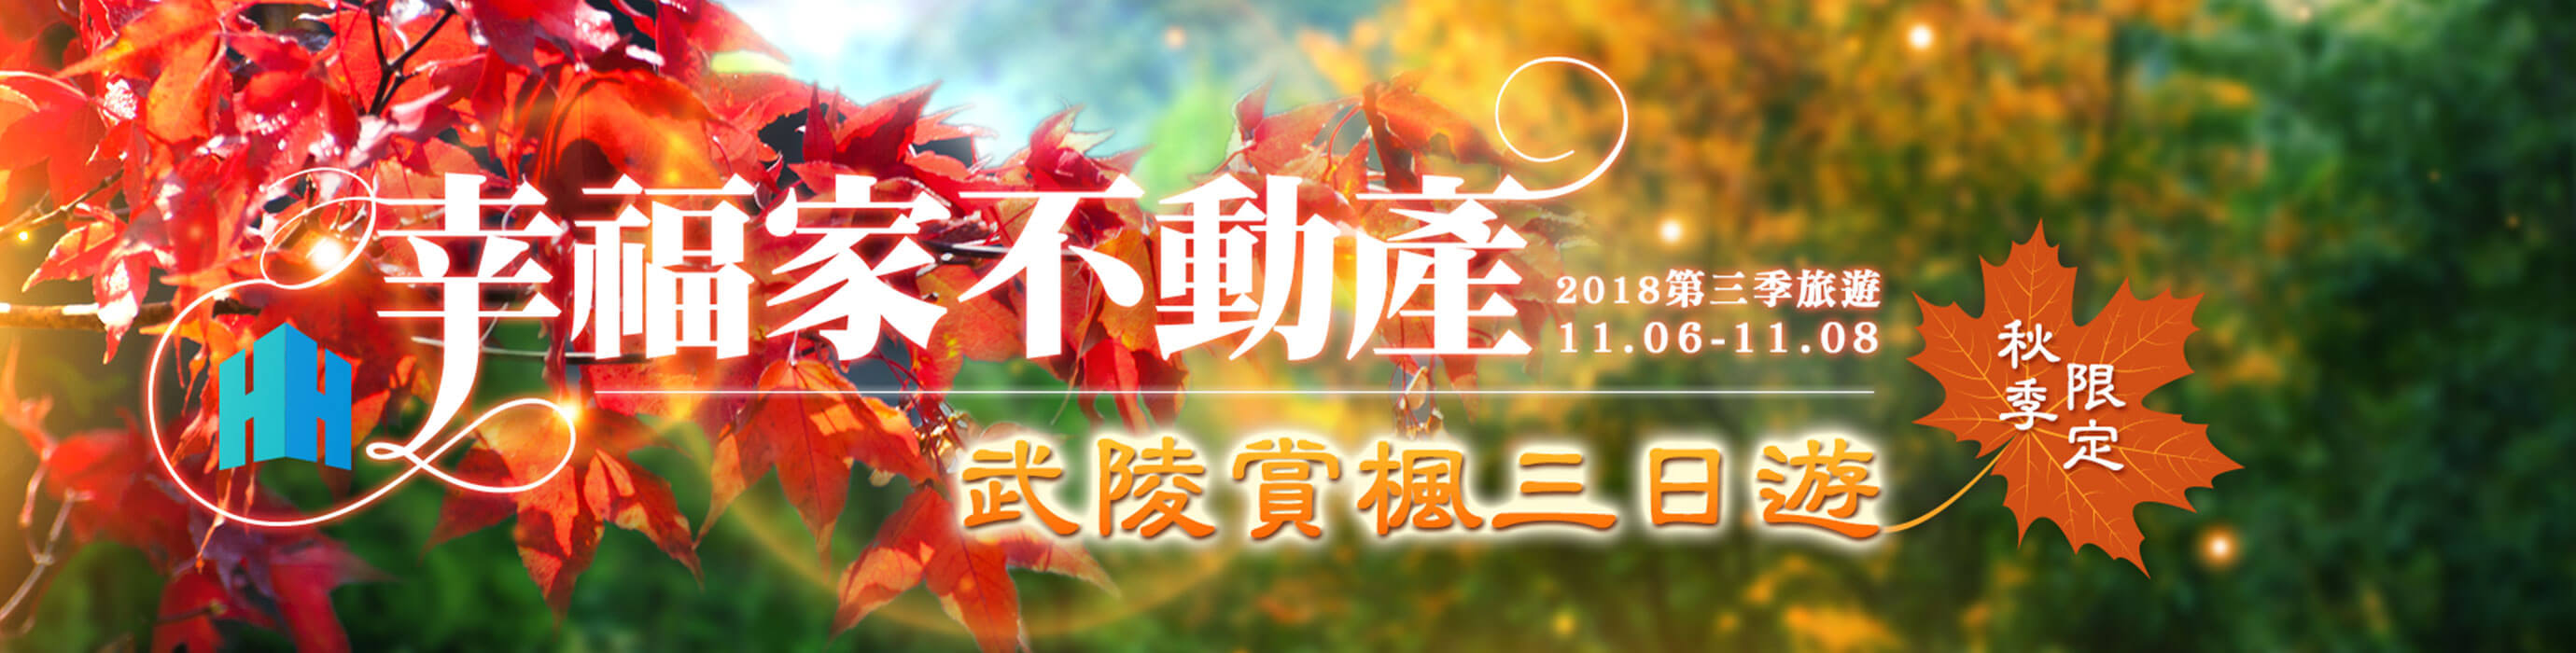 第三季旅遊-武陵賞楓行程